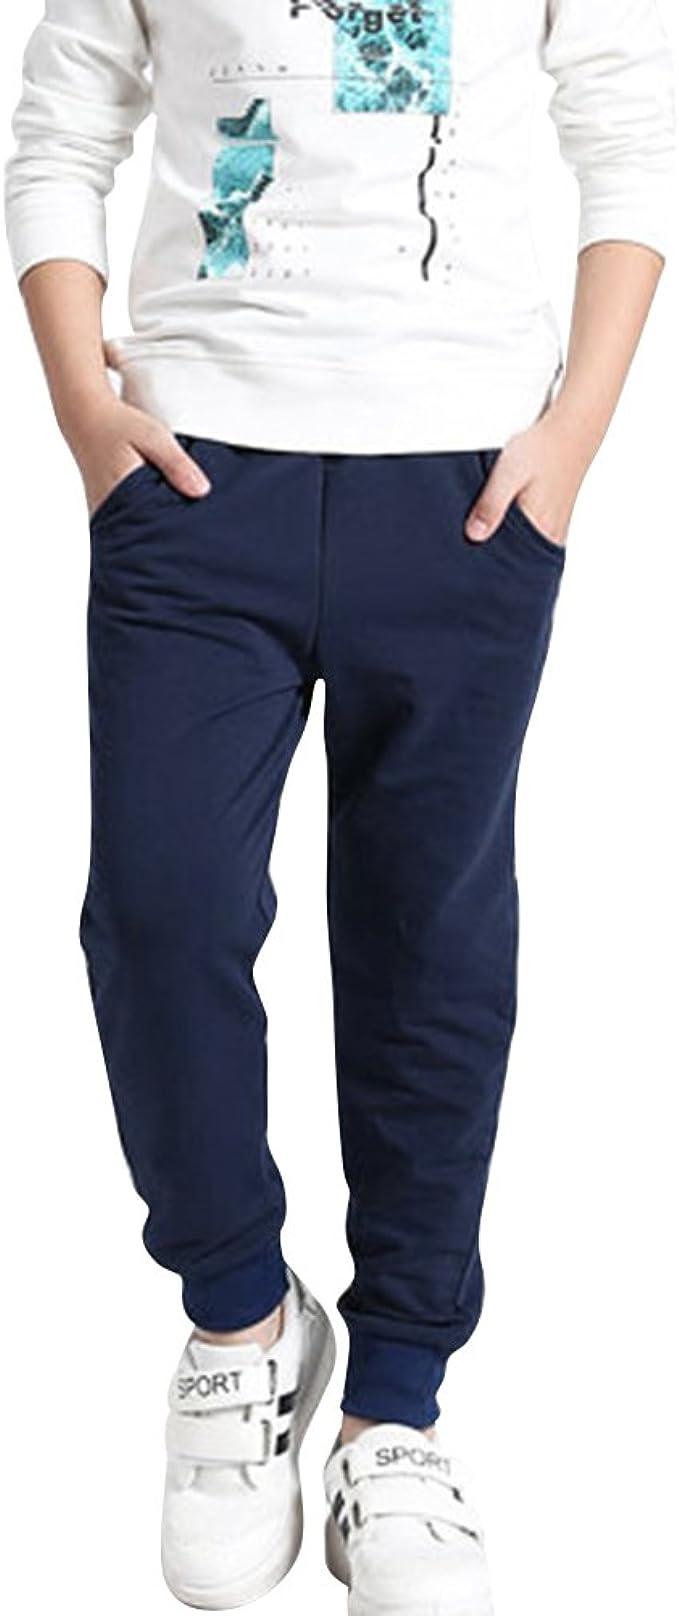 DianShao Pantalón Largo De Chándal para Niño Cintura Elástico Impreso Casual Pantalones: Amazon.es: Ropa y accesorios